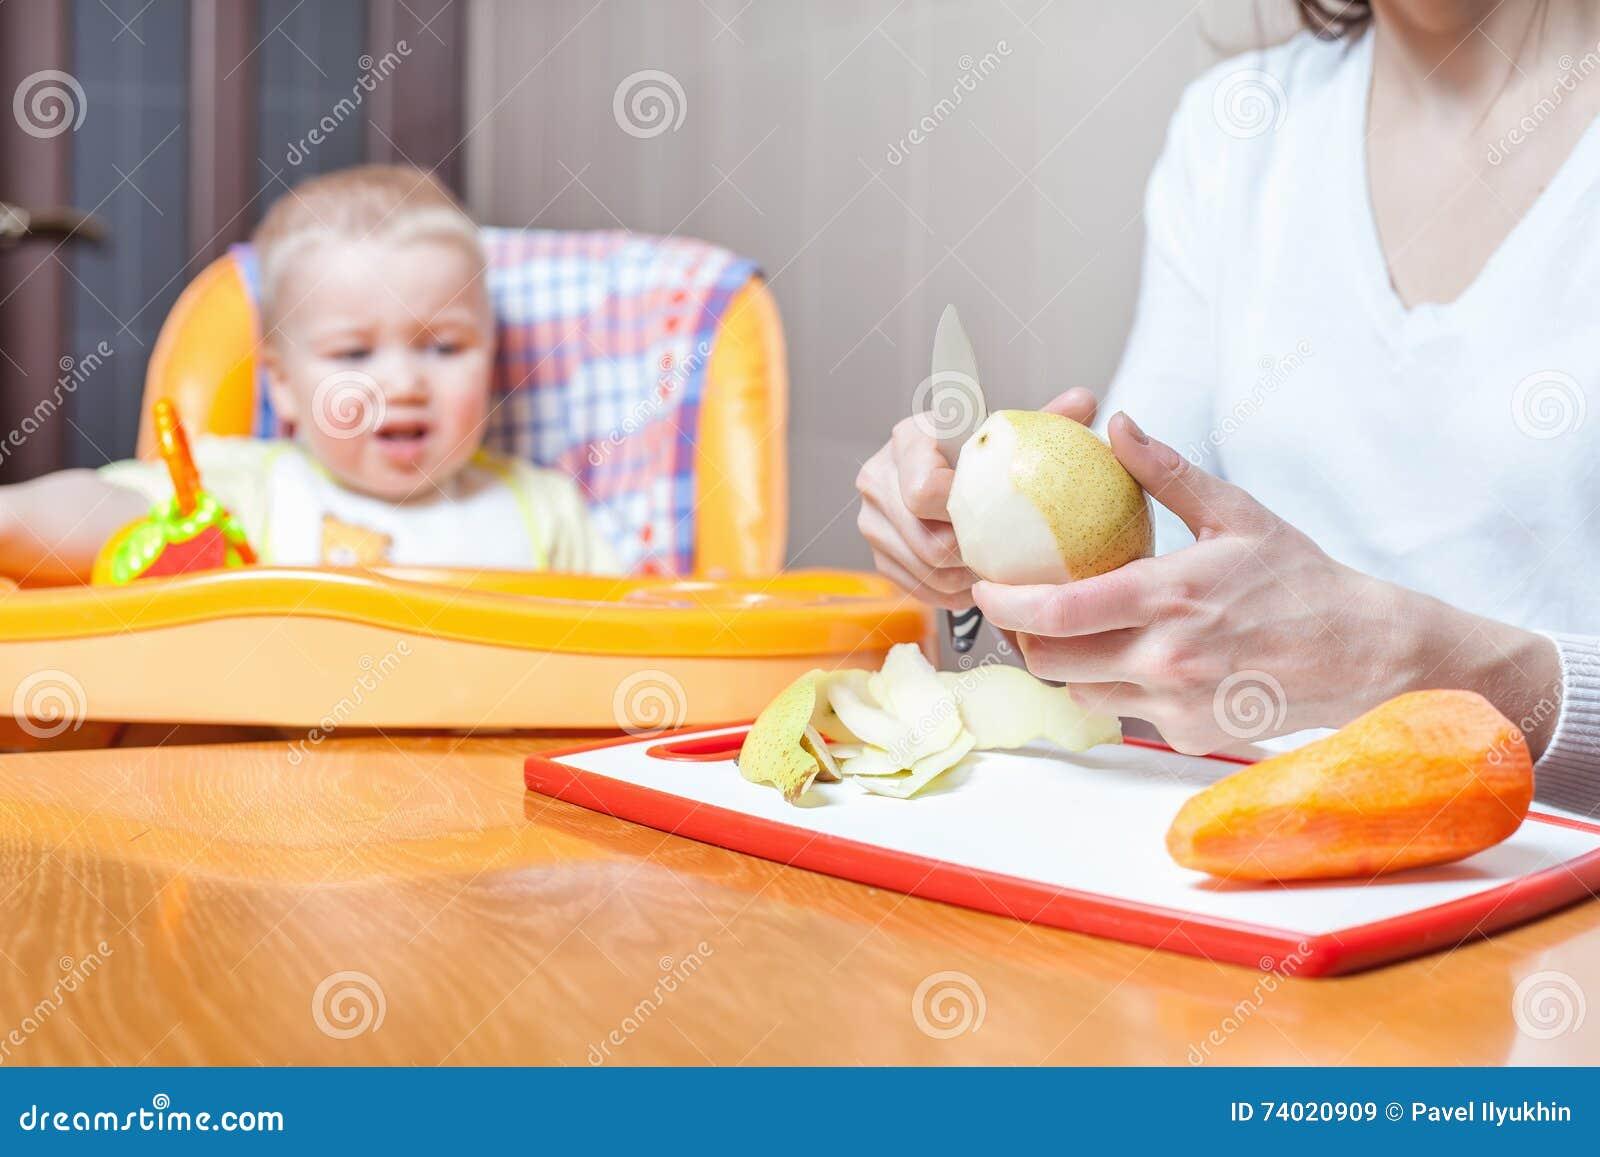 Μαγείρεμα μητέρων, προετοιμασία των παιδικών τροφών